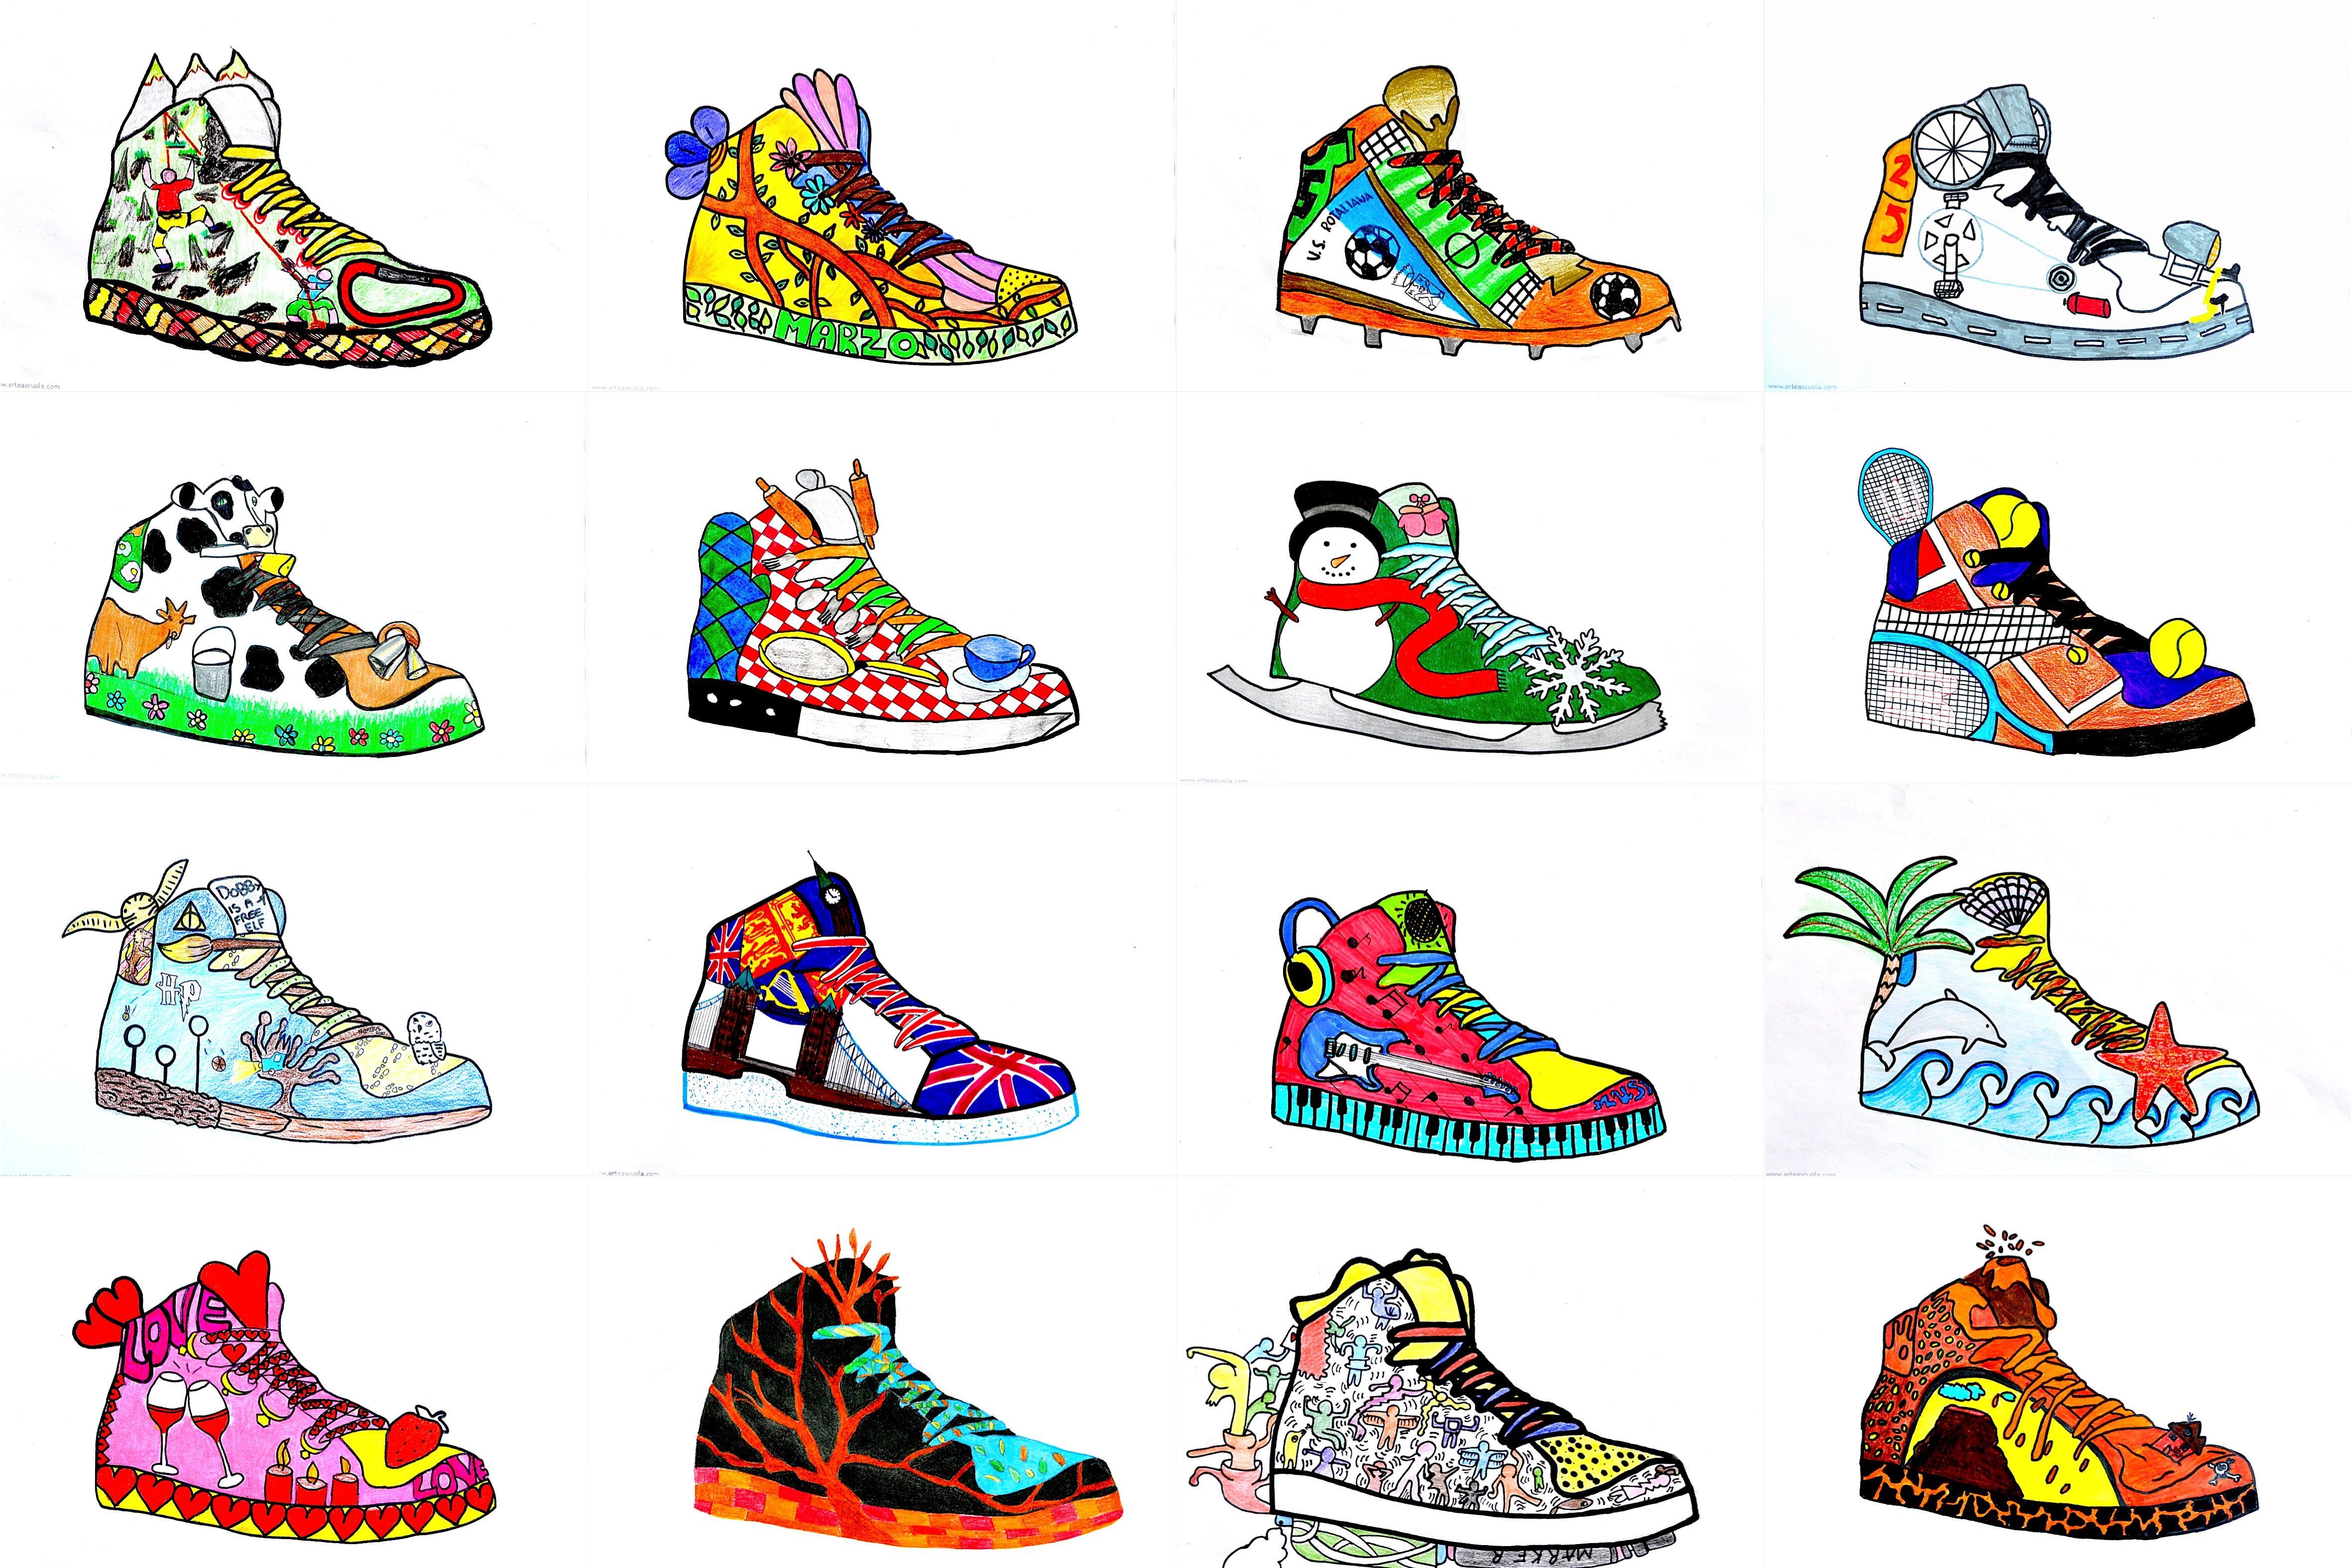 Sneaker Design | Sneaker art, Design